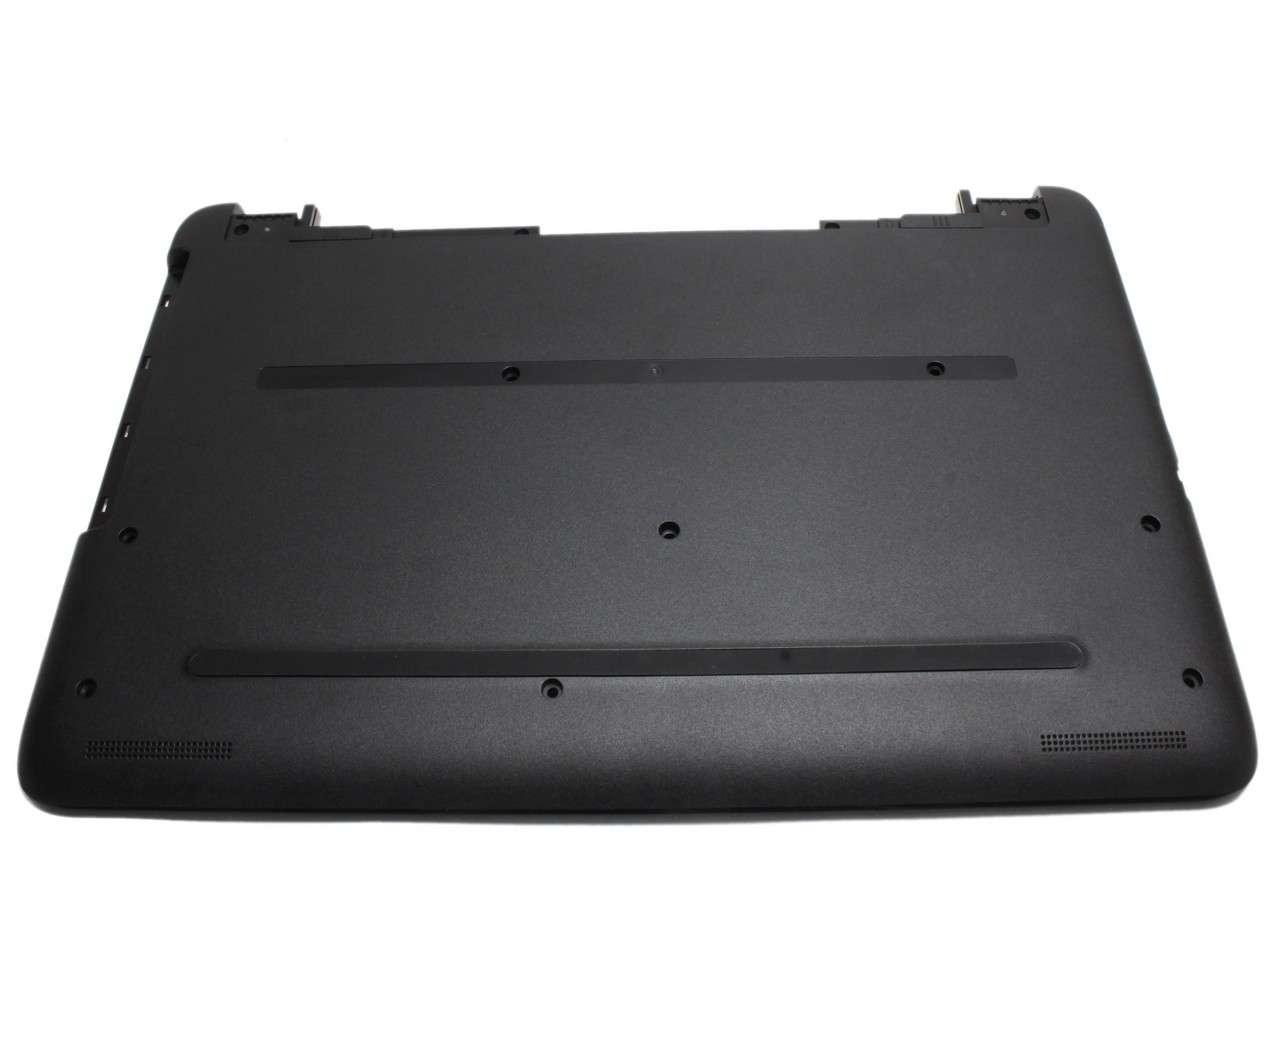 Bottom Case HP 816773-001 Carcasa Inferioara Neagra imagine powerlaptop.ro 2021